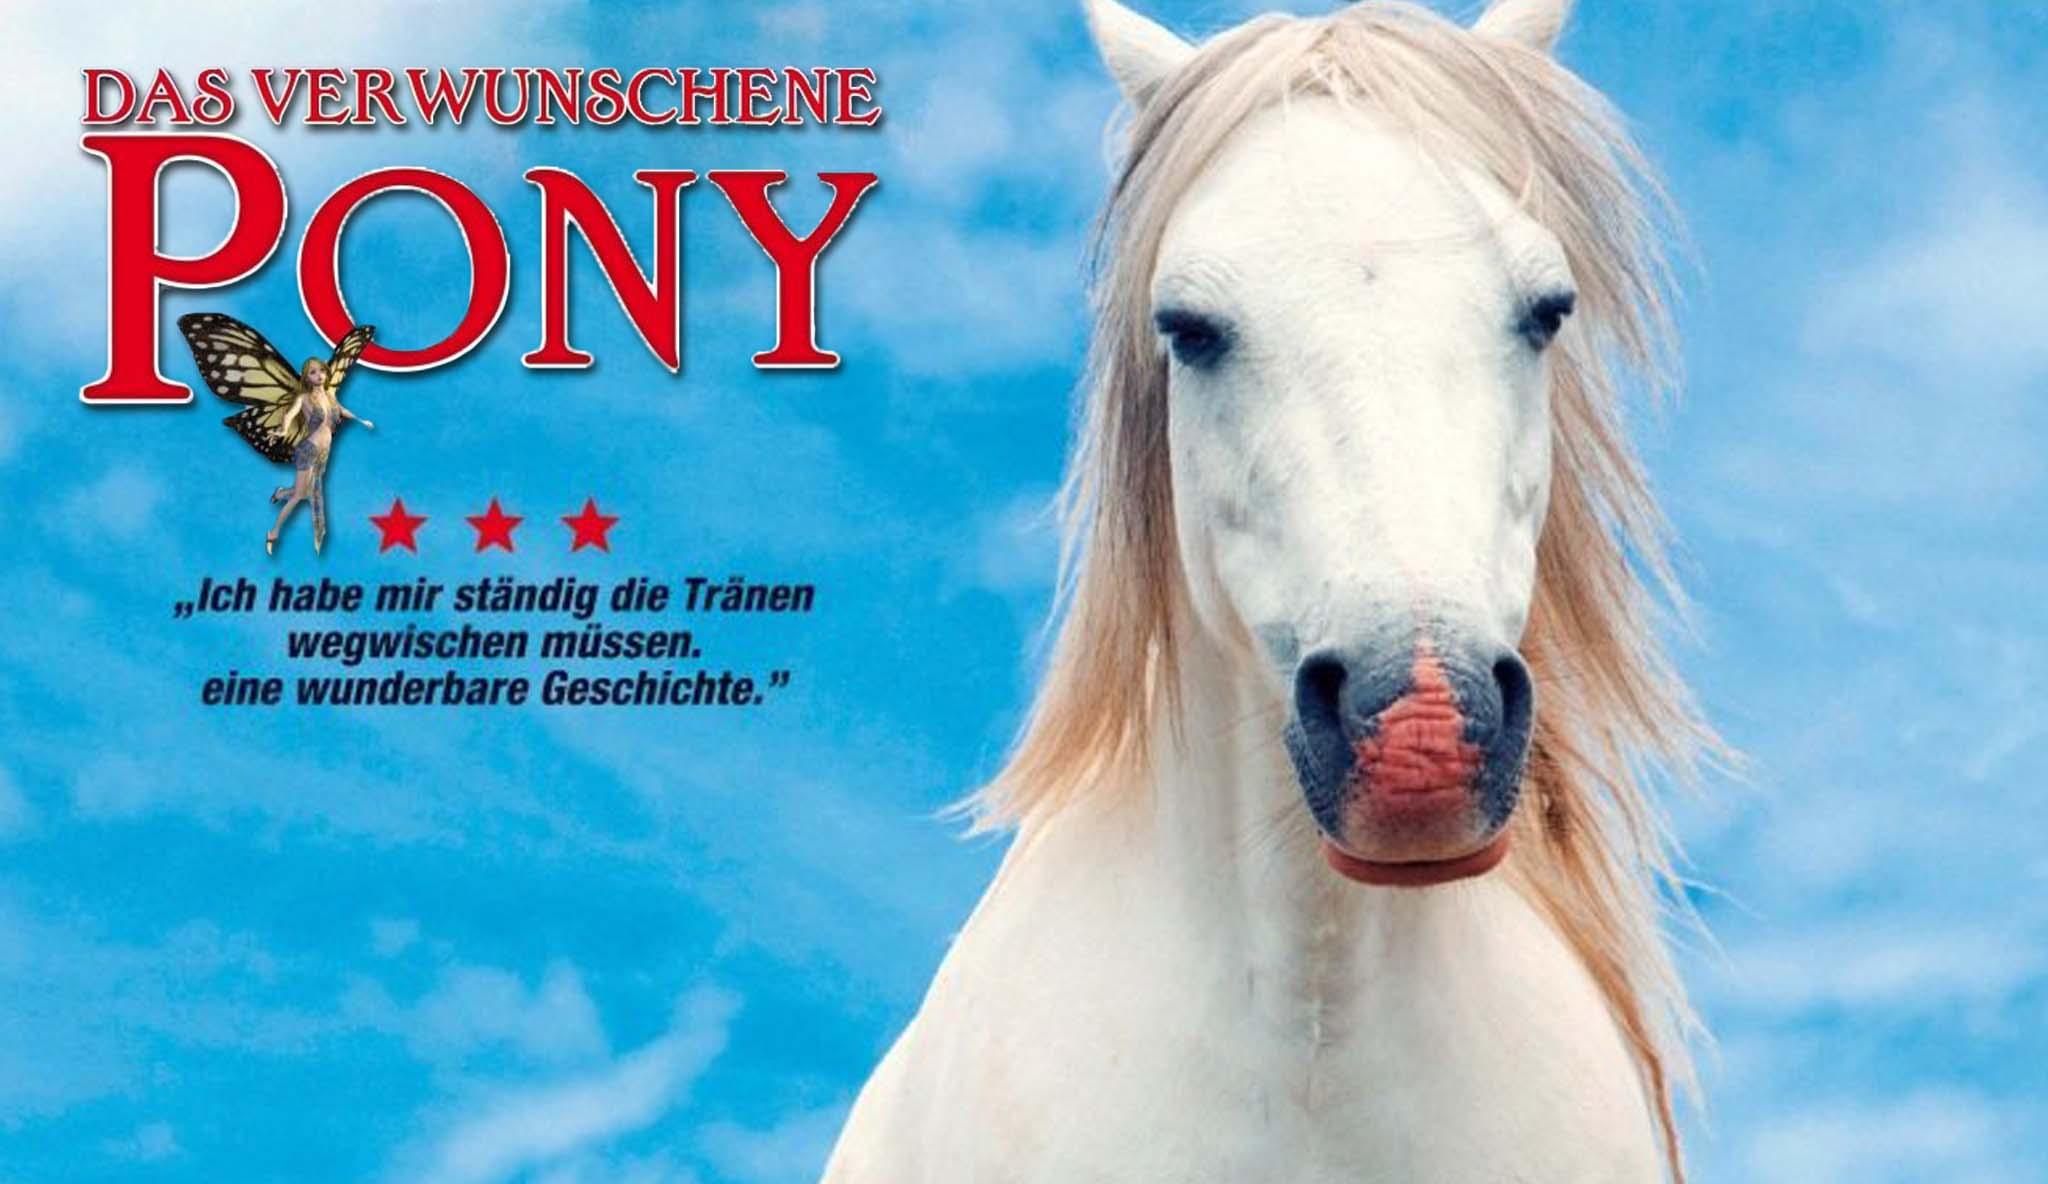 die-schonsten-pferdefilme-das-verwunschene-pony\header.jpg